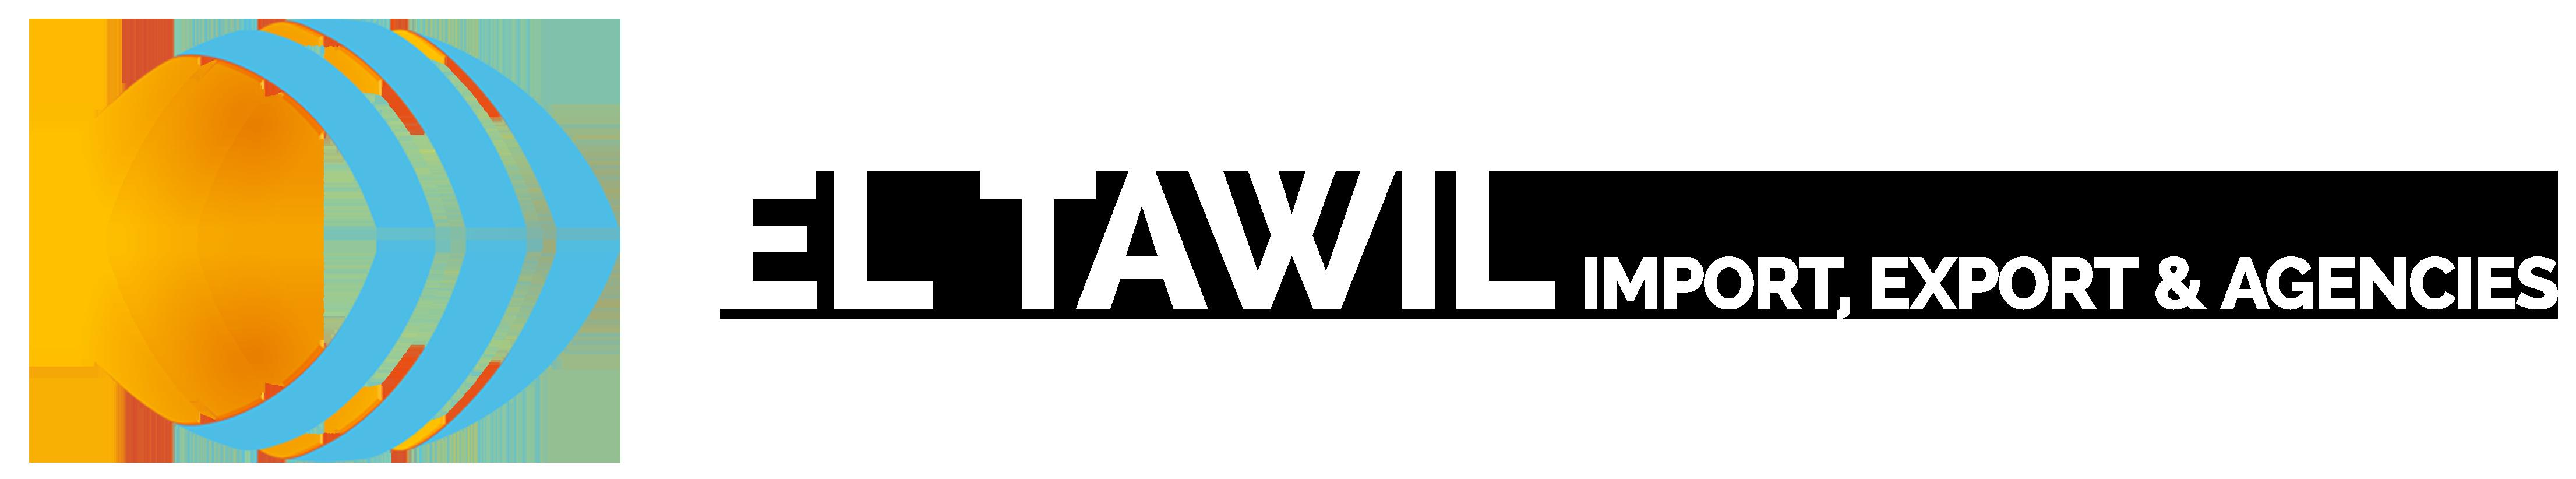 El Tawil Import, Export & Agencies